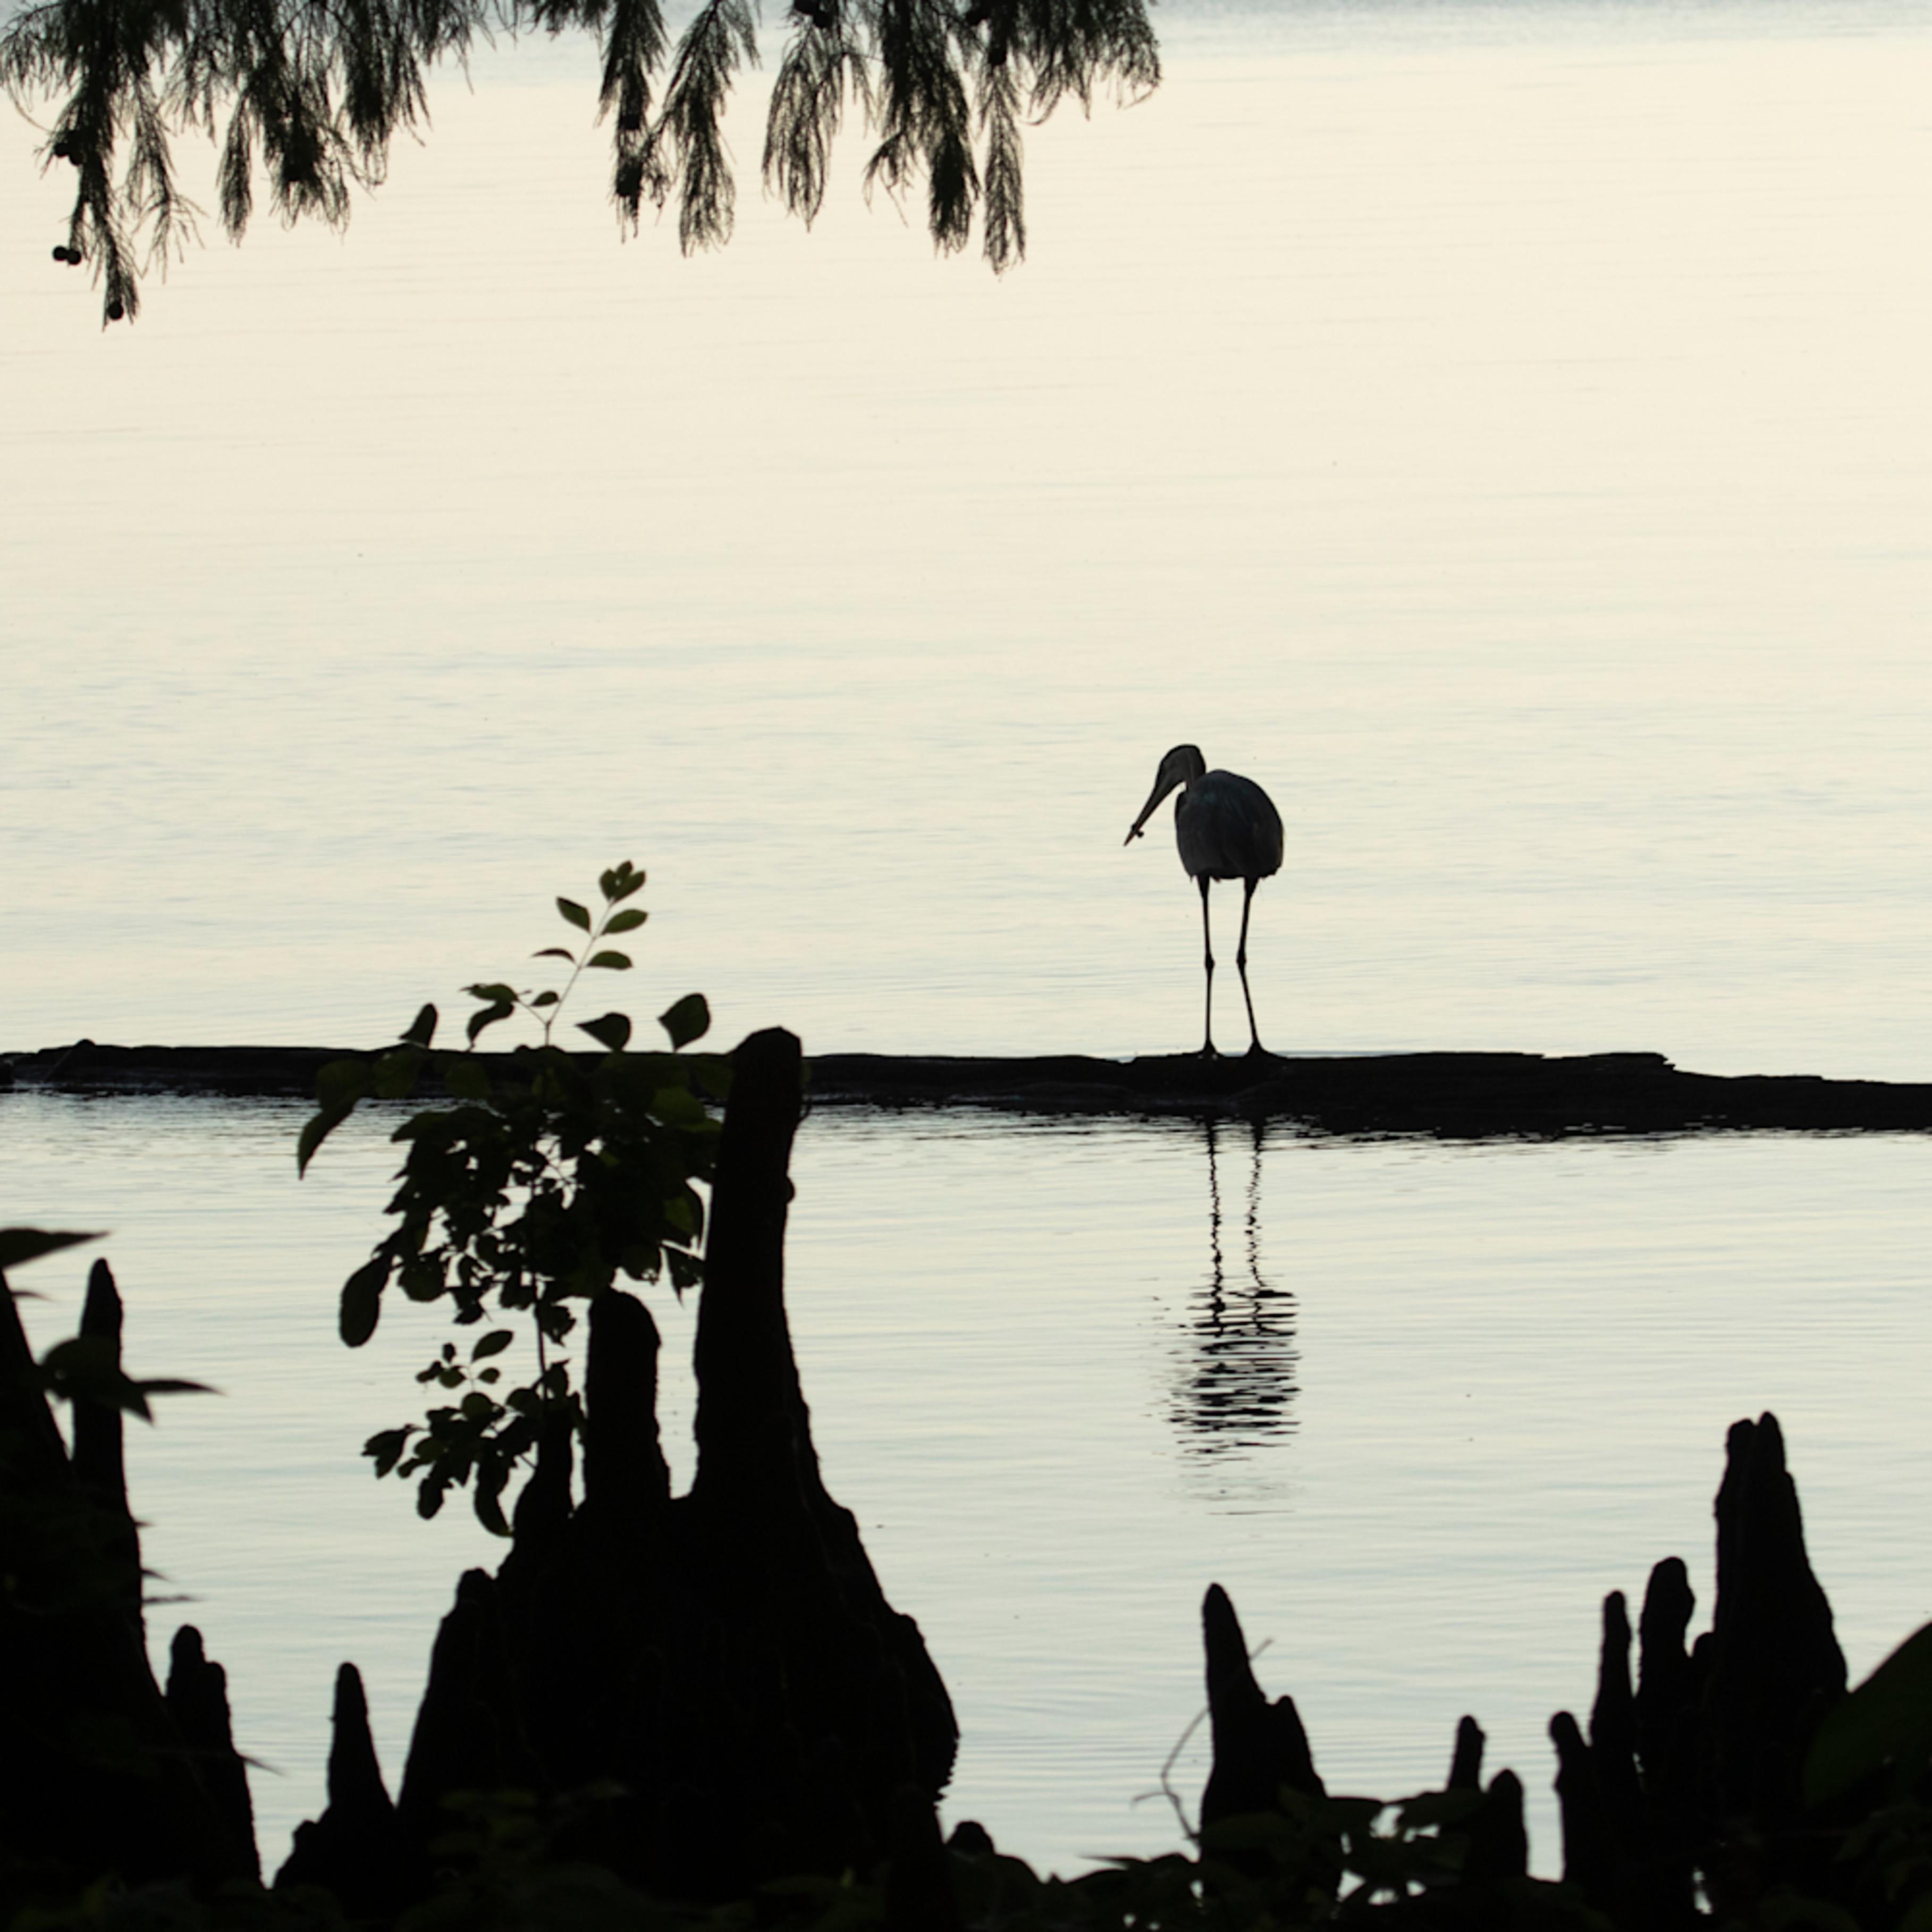 Heron silhouettes mg 7526 srm20 kxgpyj